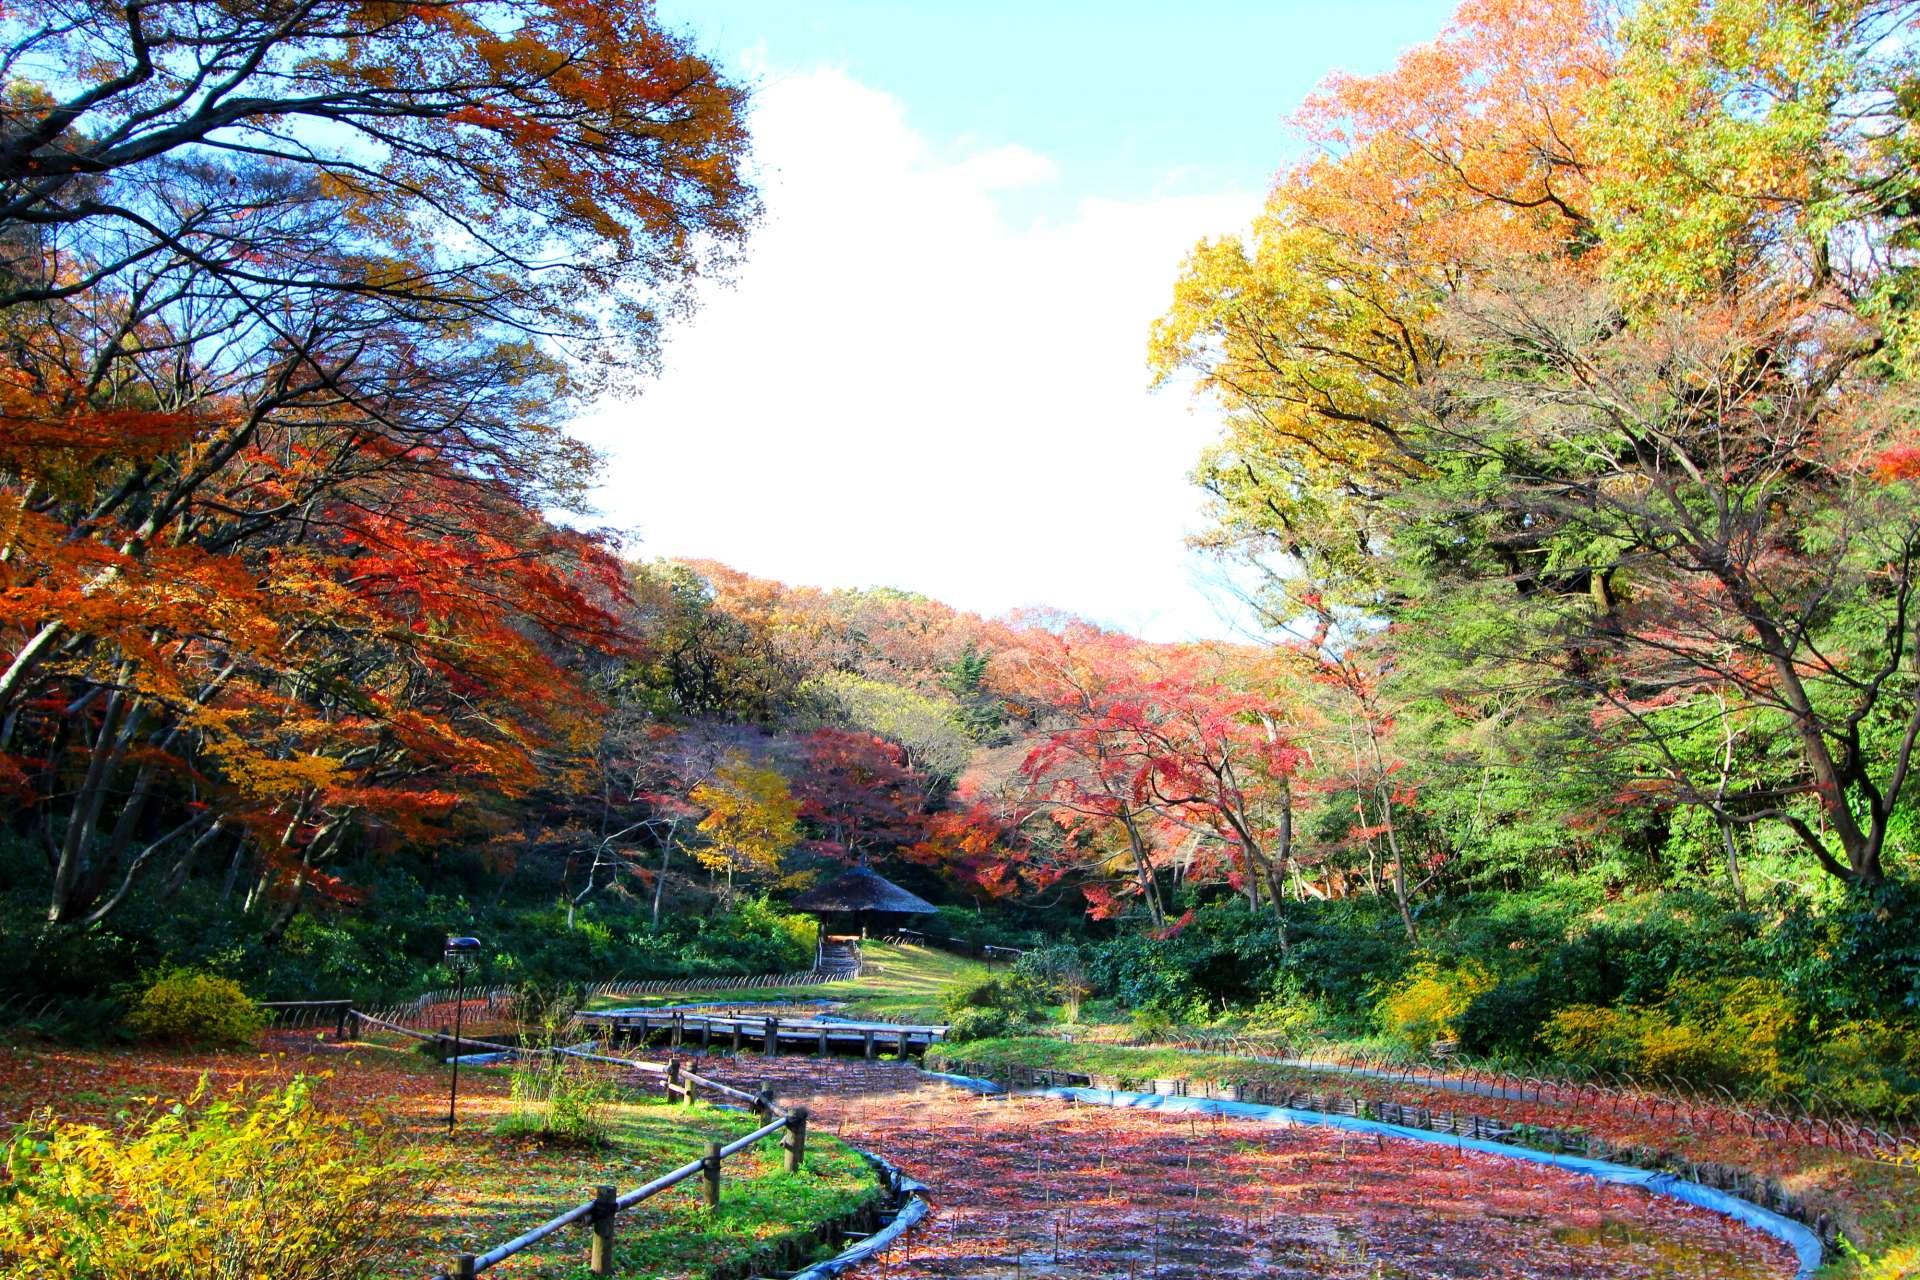 御苑小径和枫叶